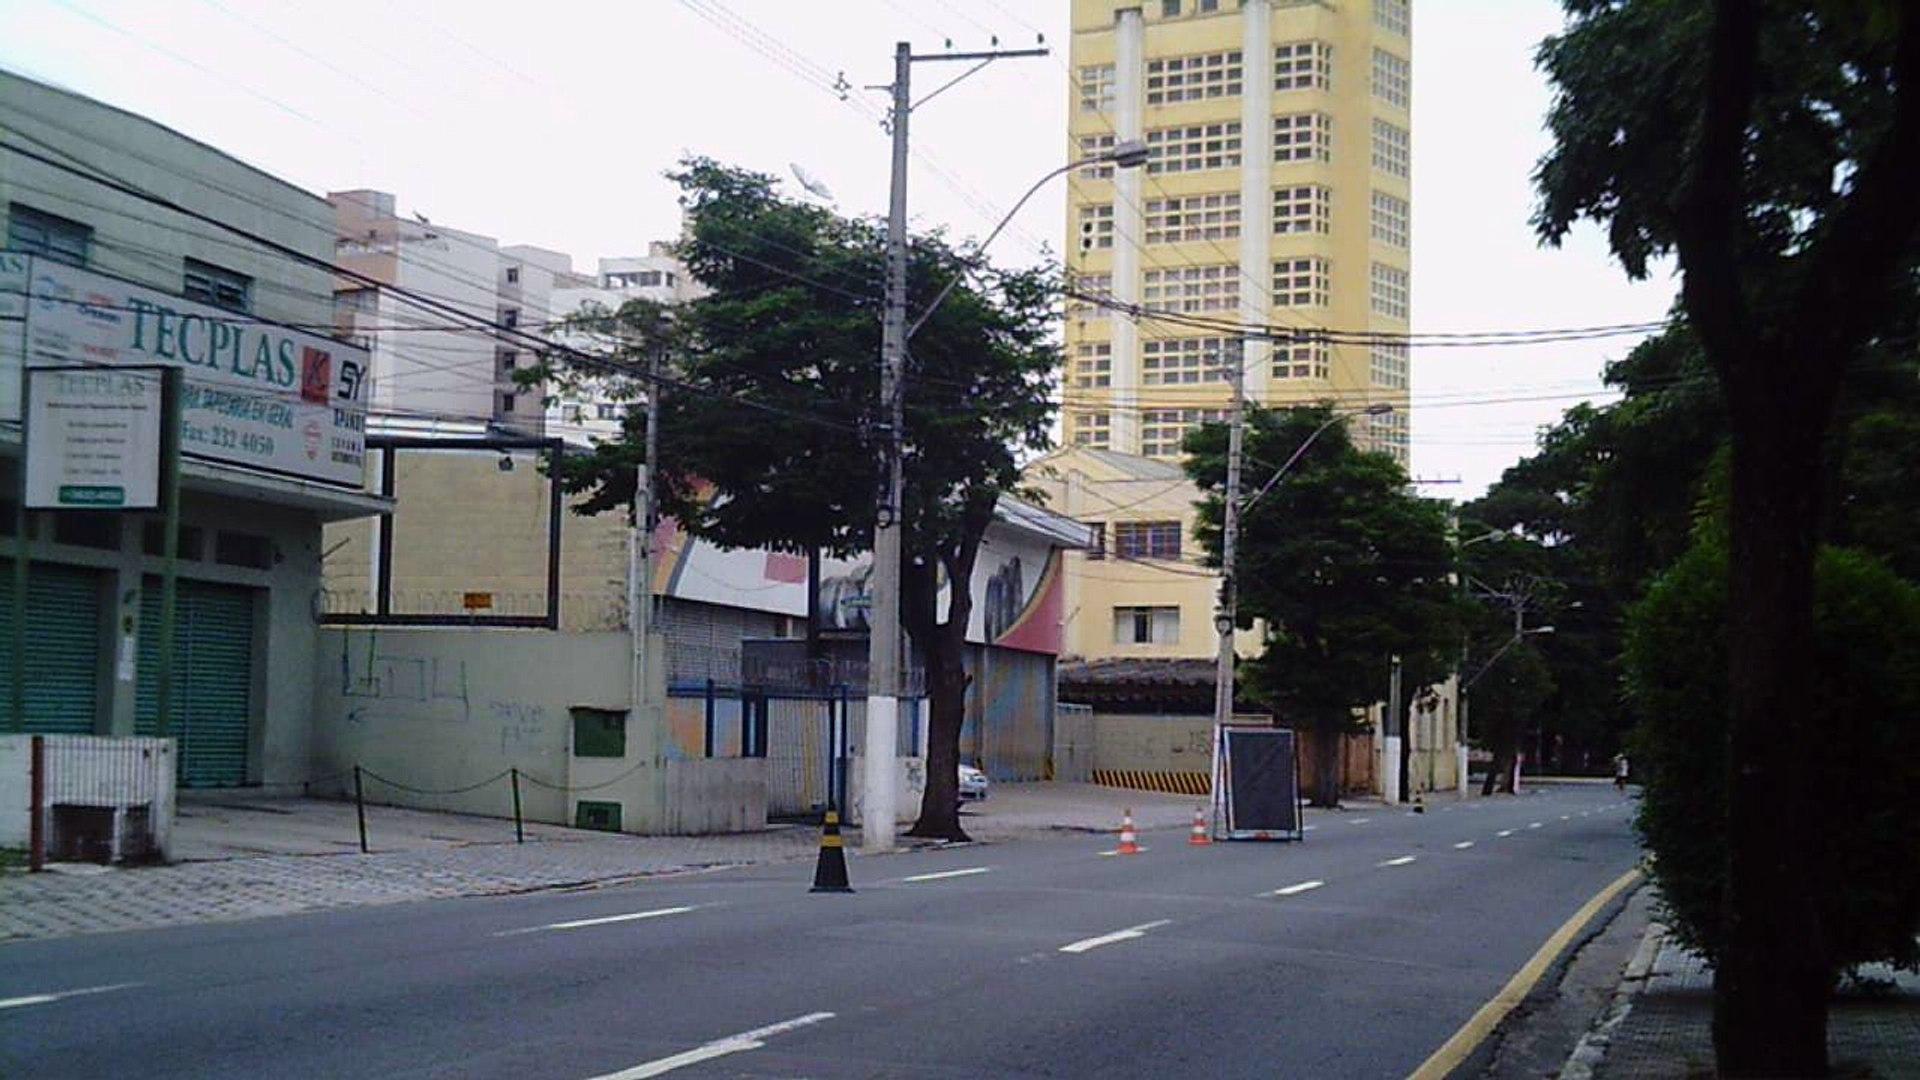 Taubaté, maior  corrida de rua do Vale do Paraíba,  mais de de 1800 corredores, em 5 km, e 10 km, ca